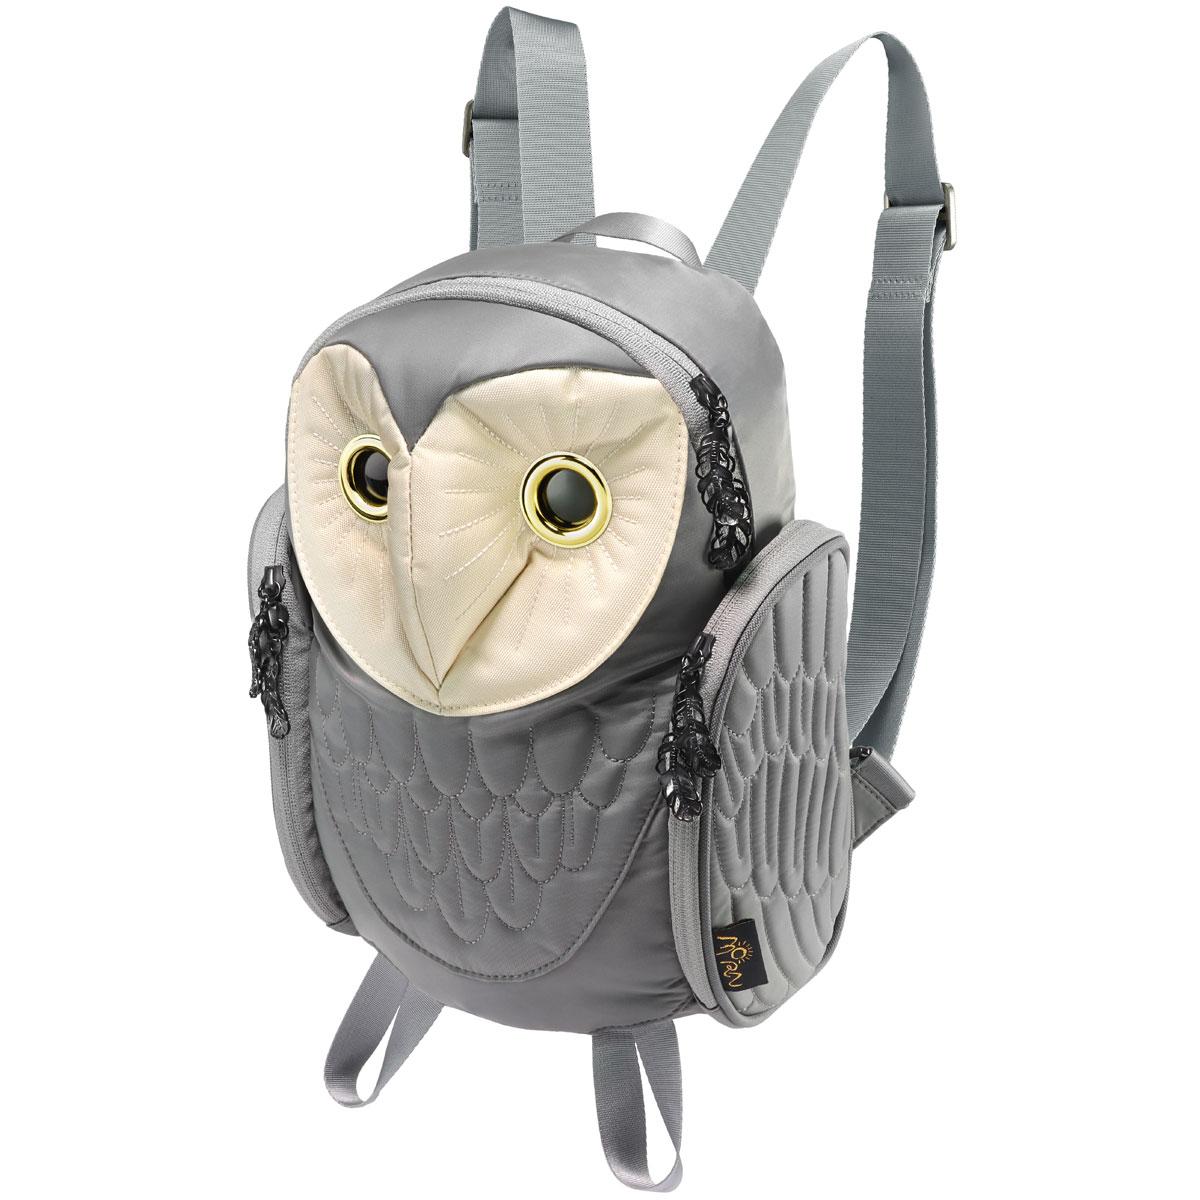 リュック MORN CREATIONS メンフクロウ バックパック レディース 動物バッグ 女性用 小さめ レディース リュックサック モーンクリエイションズ フクロウ グレー